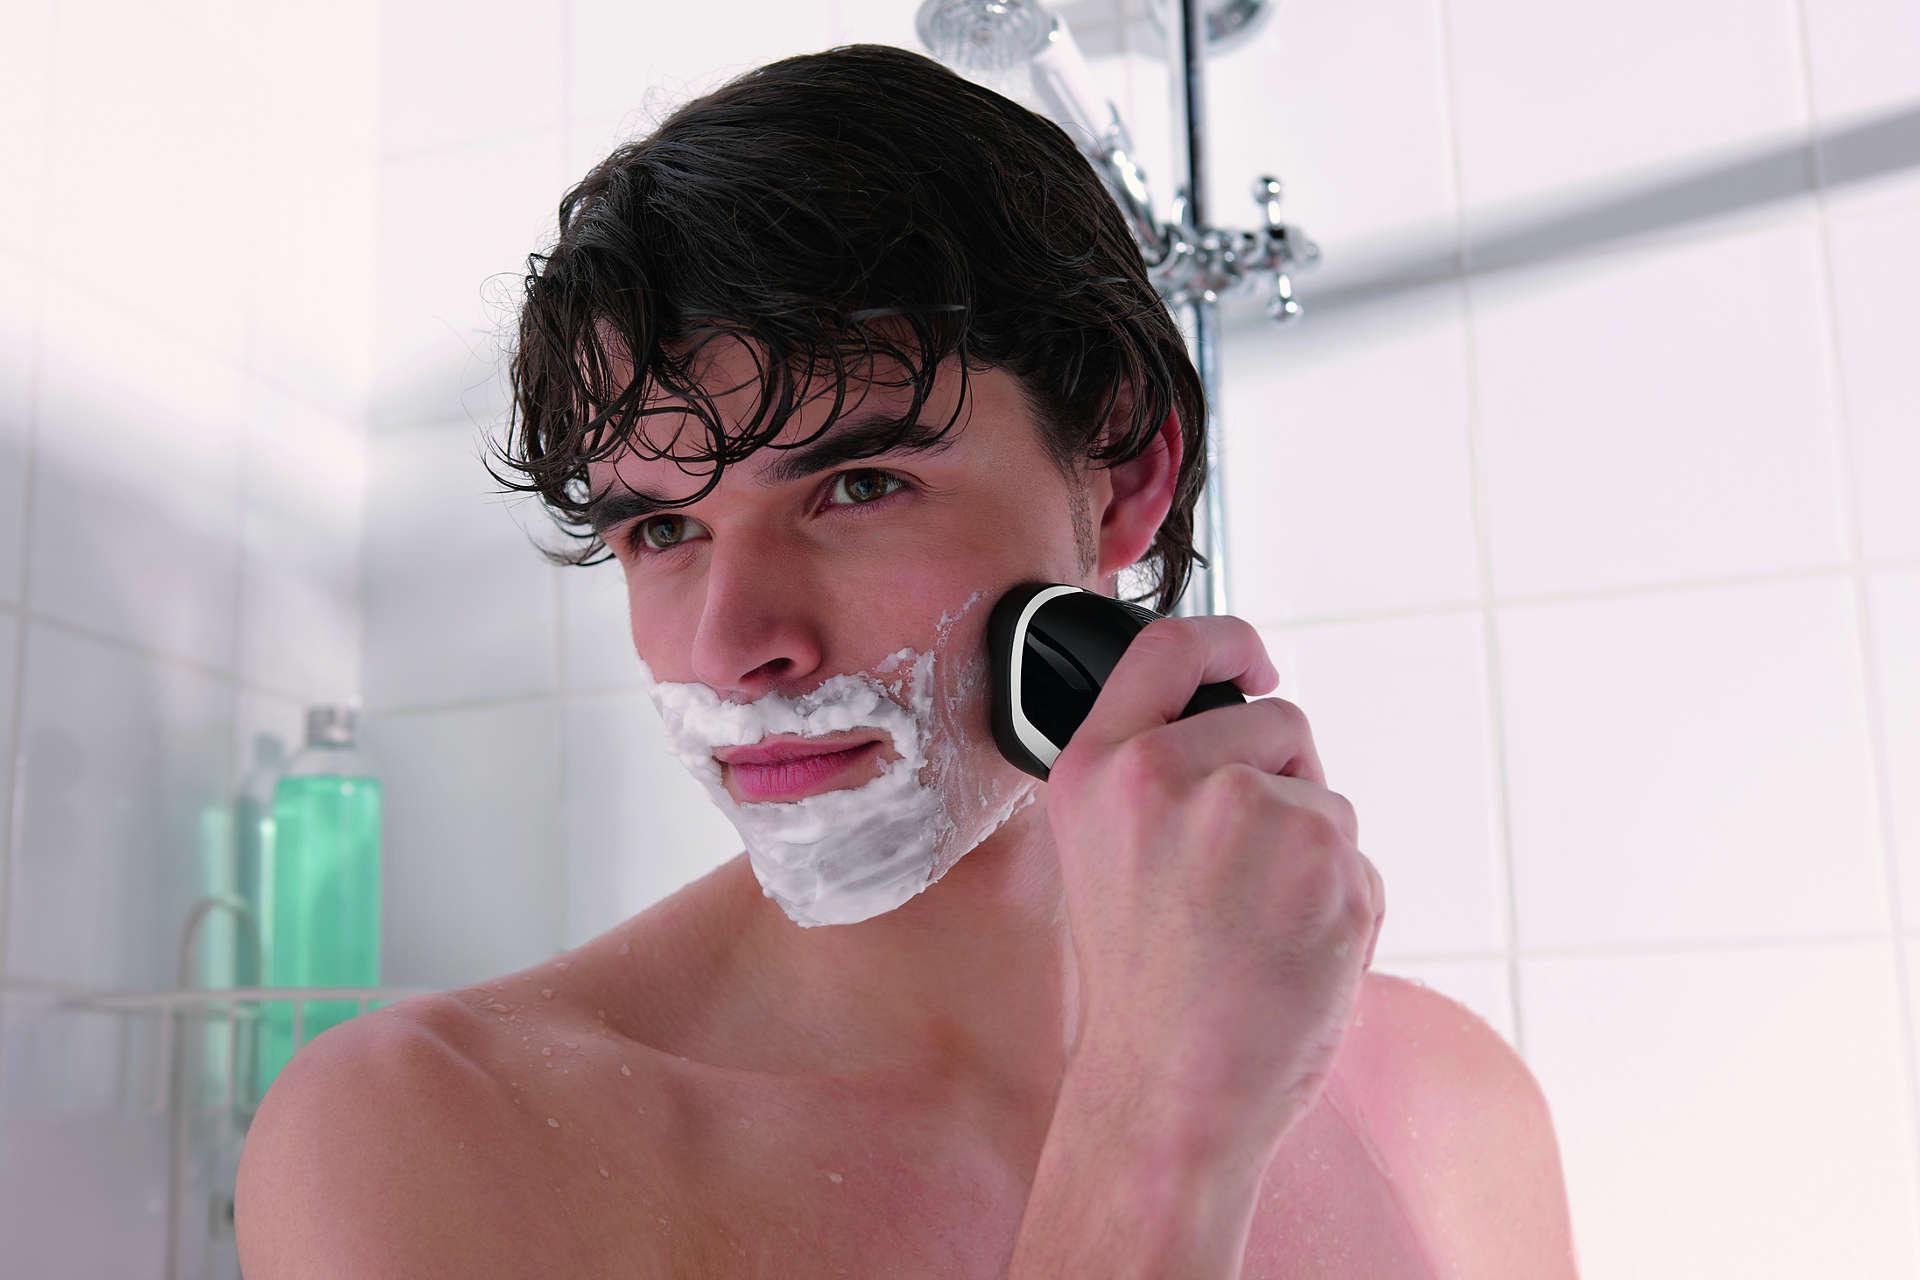 Máy cạo râu Philips AT610 làm sạch nhanh và hiệu quả